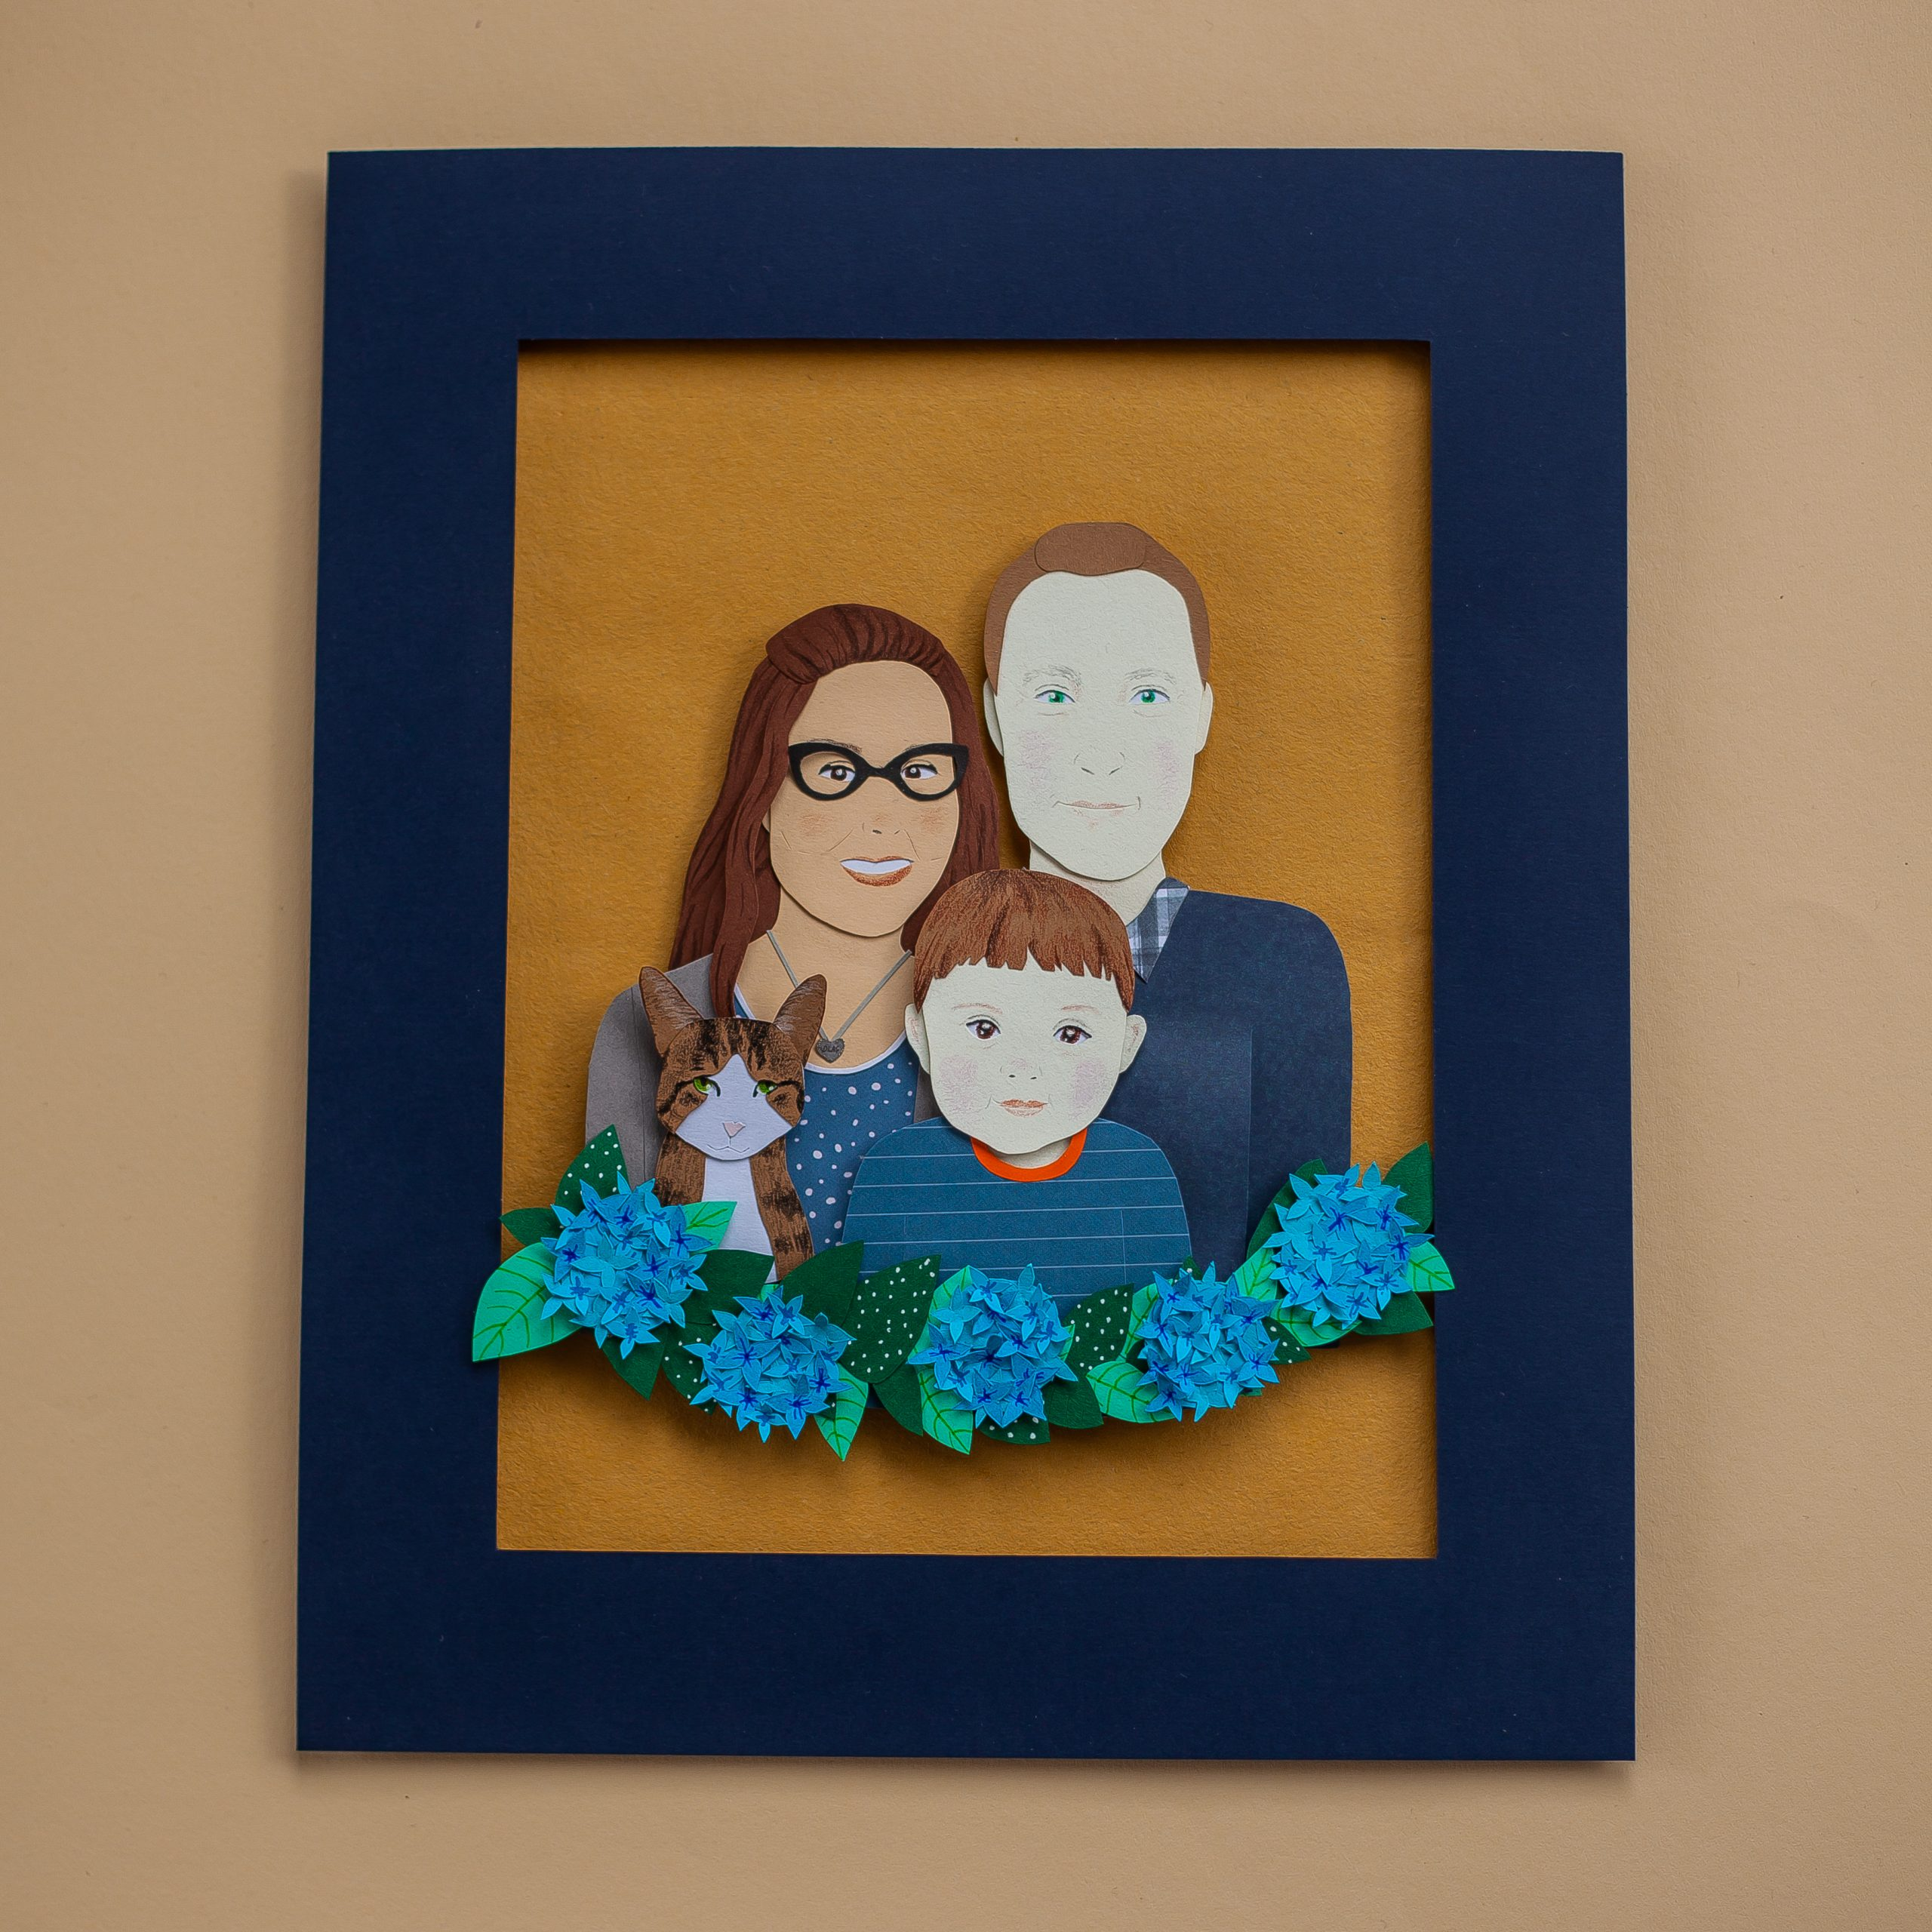 papercut portrait example 1